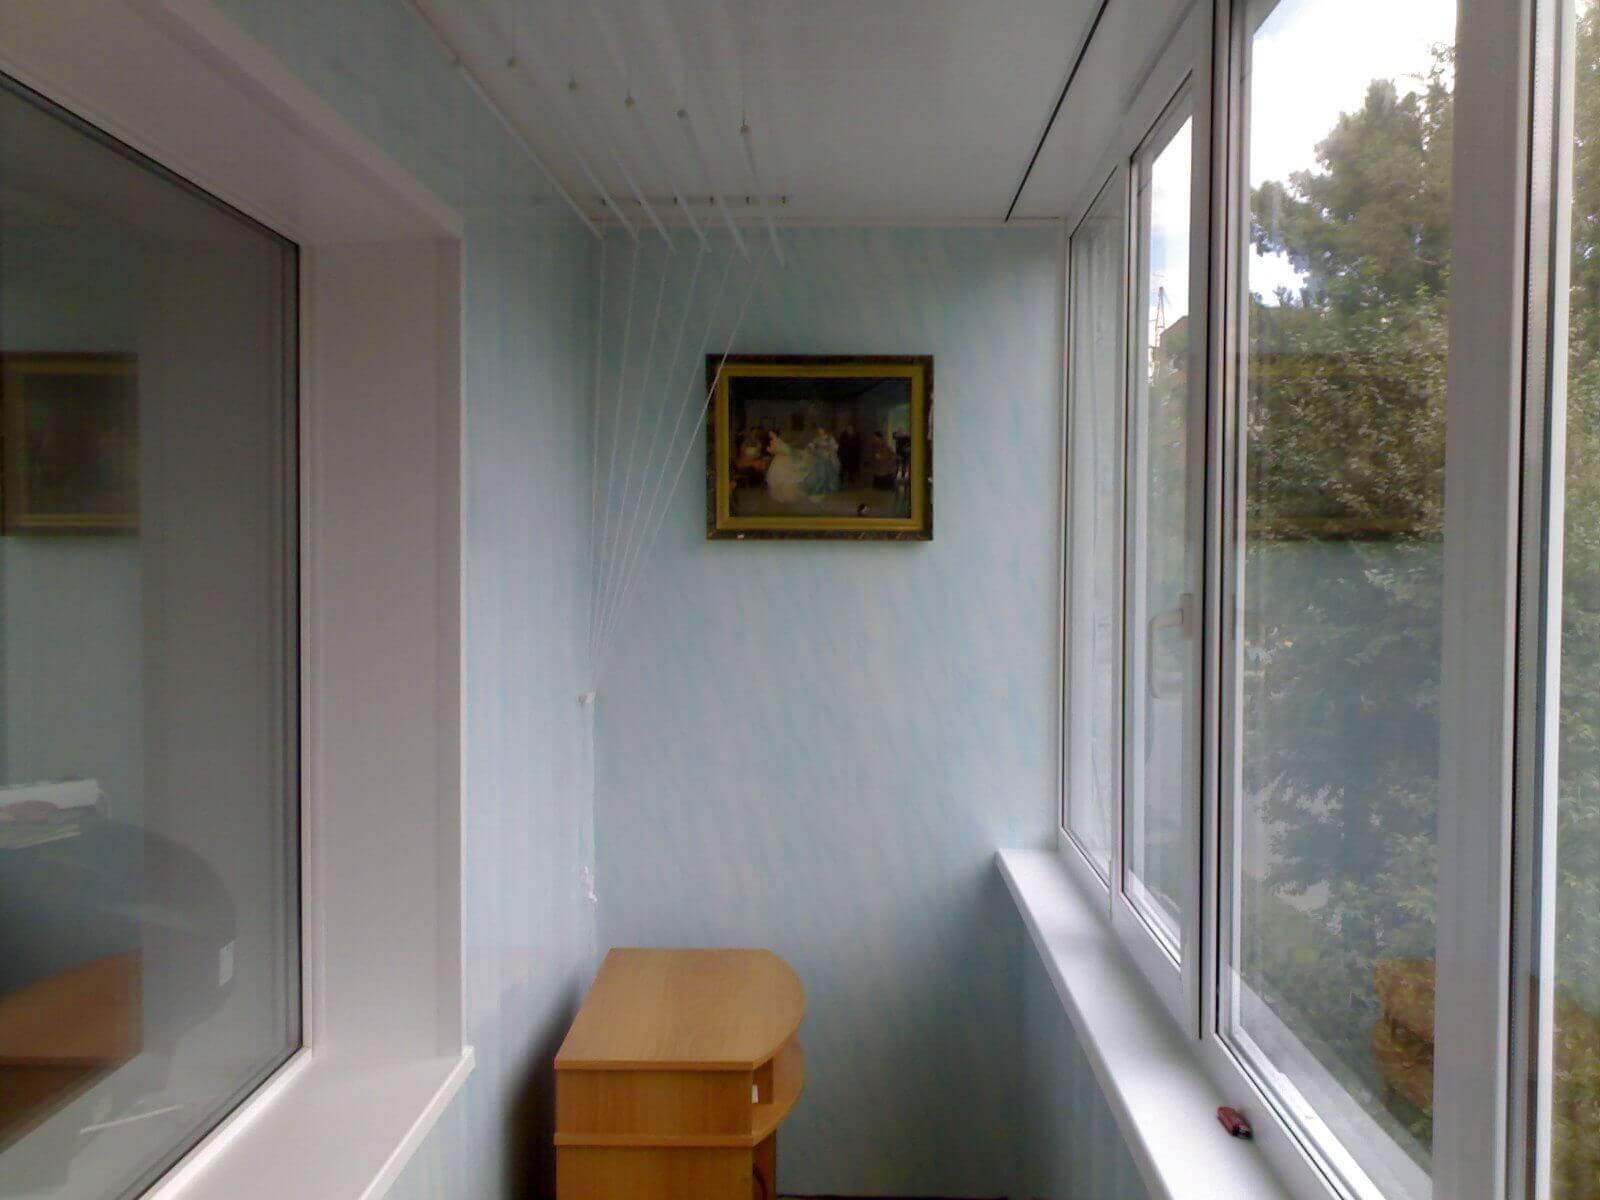 Affordable Plafond Chauffant Frico Devis Artisan Gratuit Sarthe For Peinture  Plafond Mat Ou Brillant With Plafond Brillant.